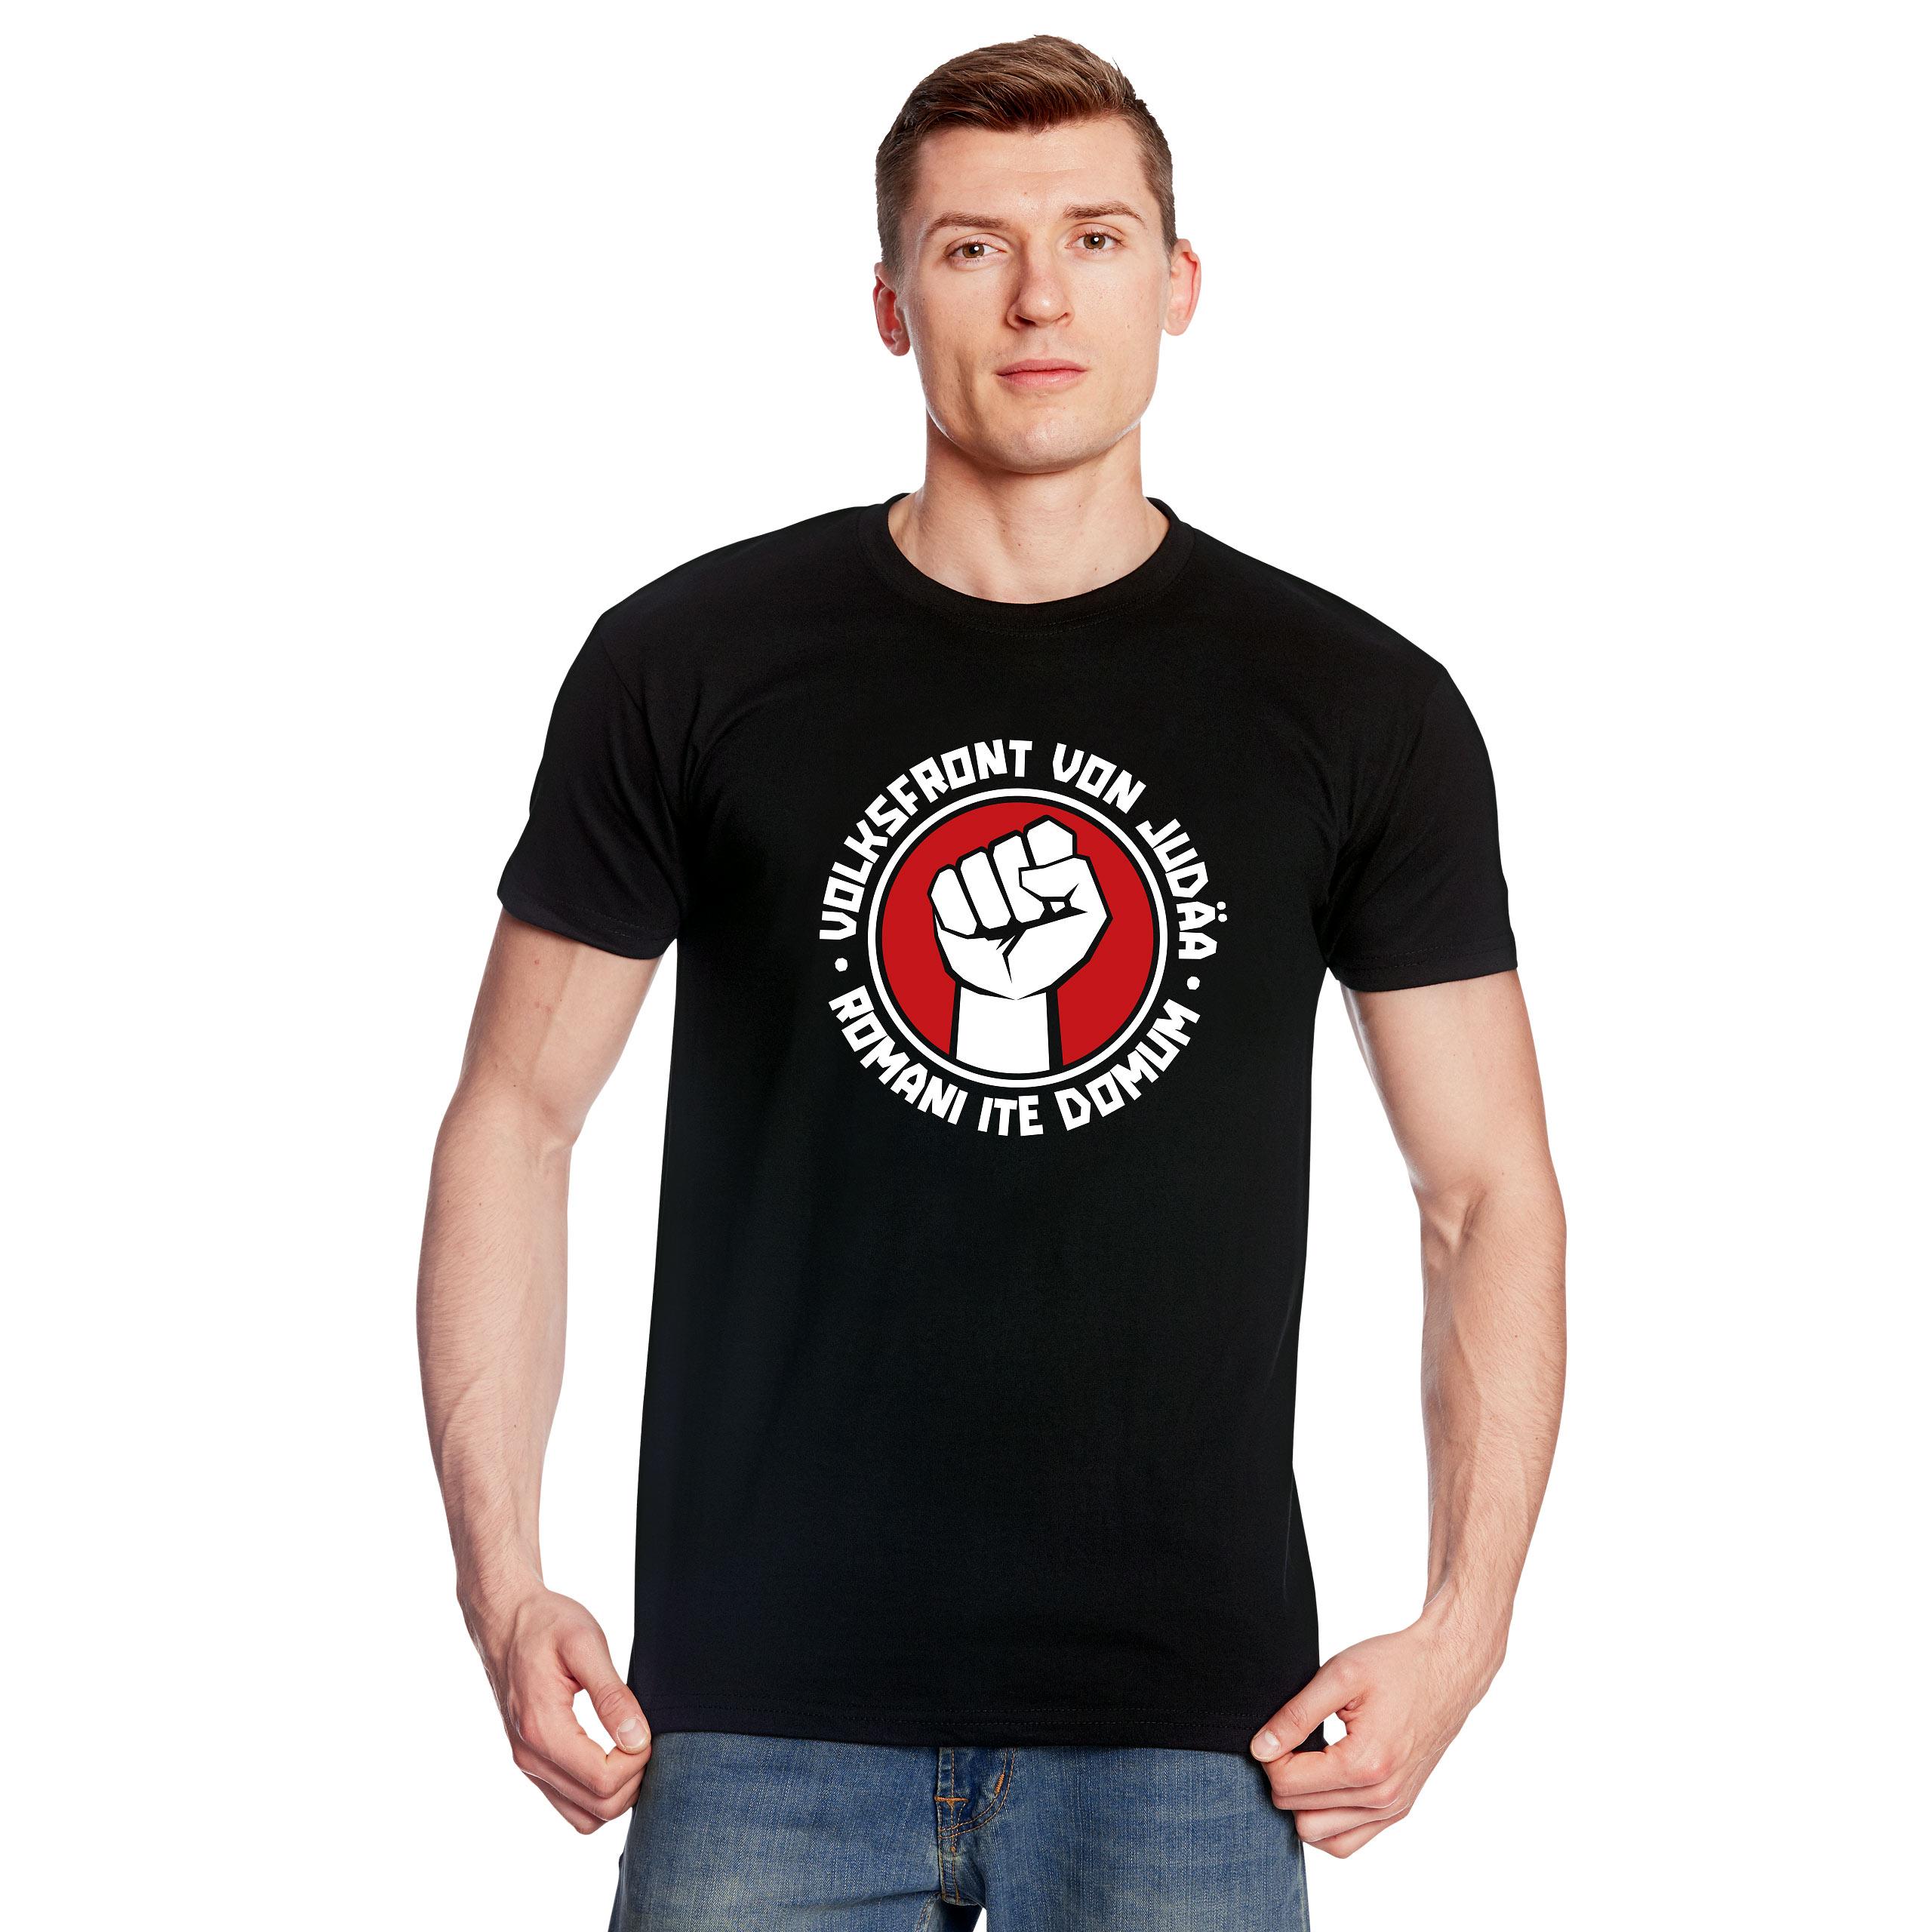 Volksfront von Judäa T-Shirt für Monty Python Fans schwarz